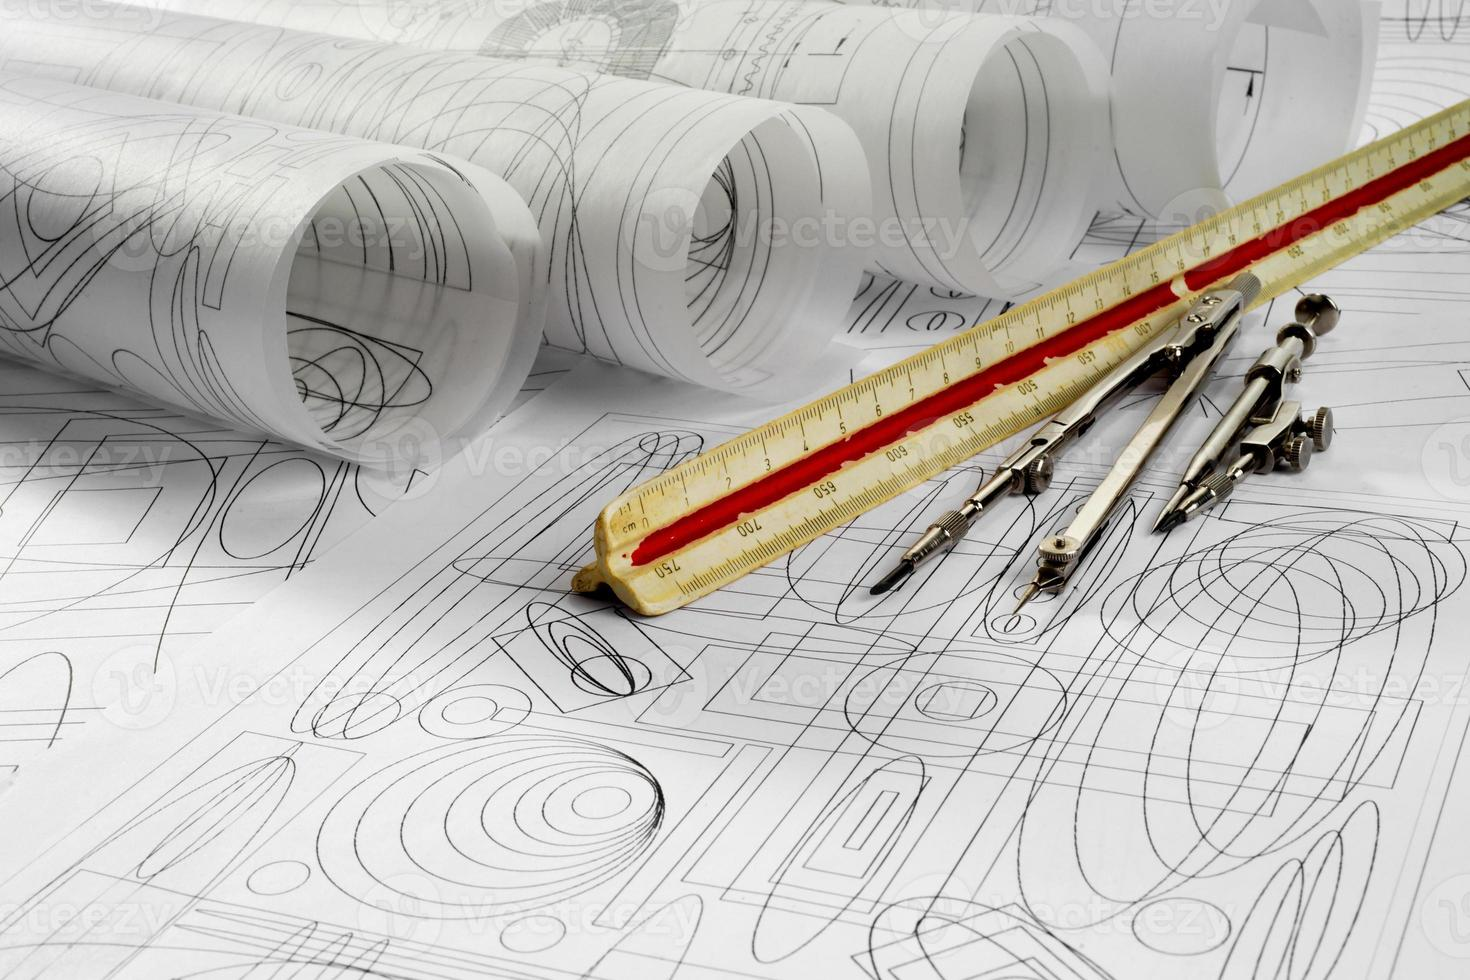 dessins et outils de dessin photo